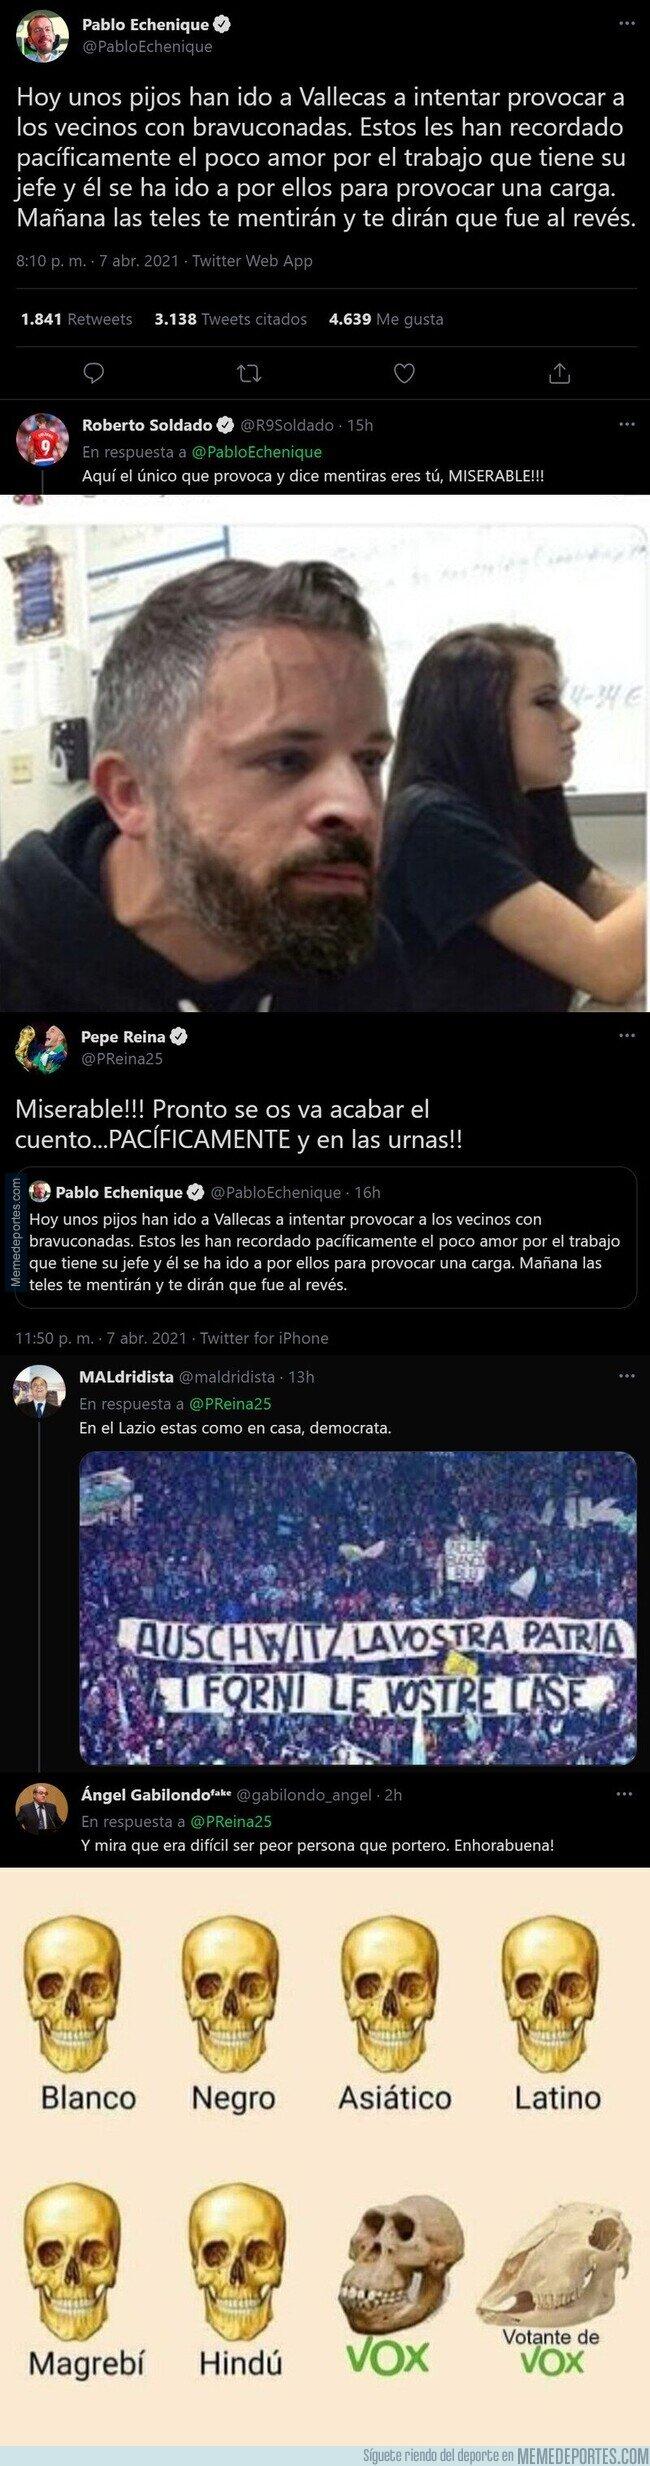 1131999 - Pepe Reina y Roberto Soldado cargan duramente contra Pablo Echenique con este mensaje insultándole